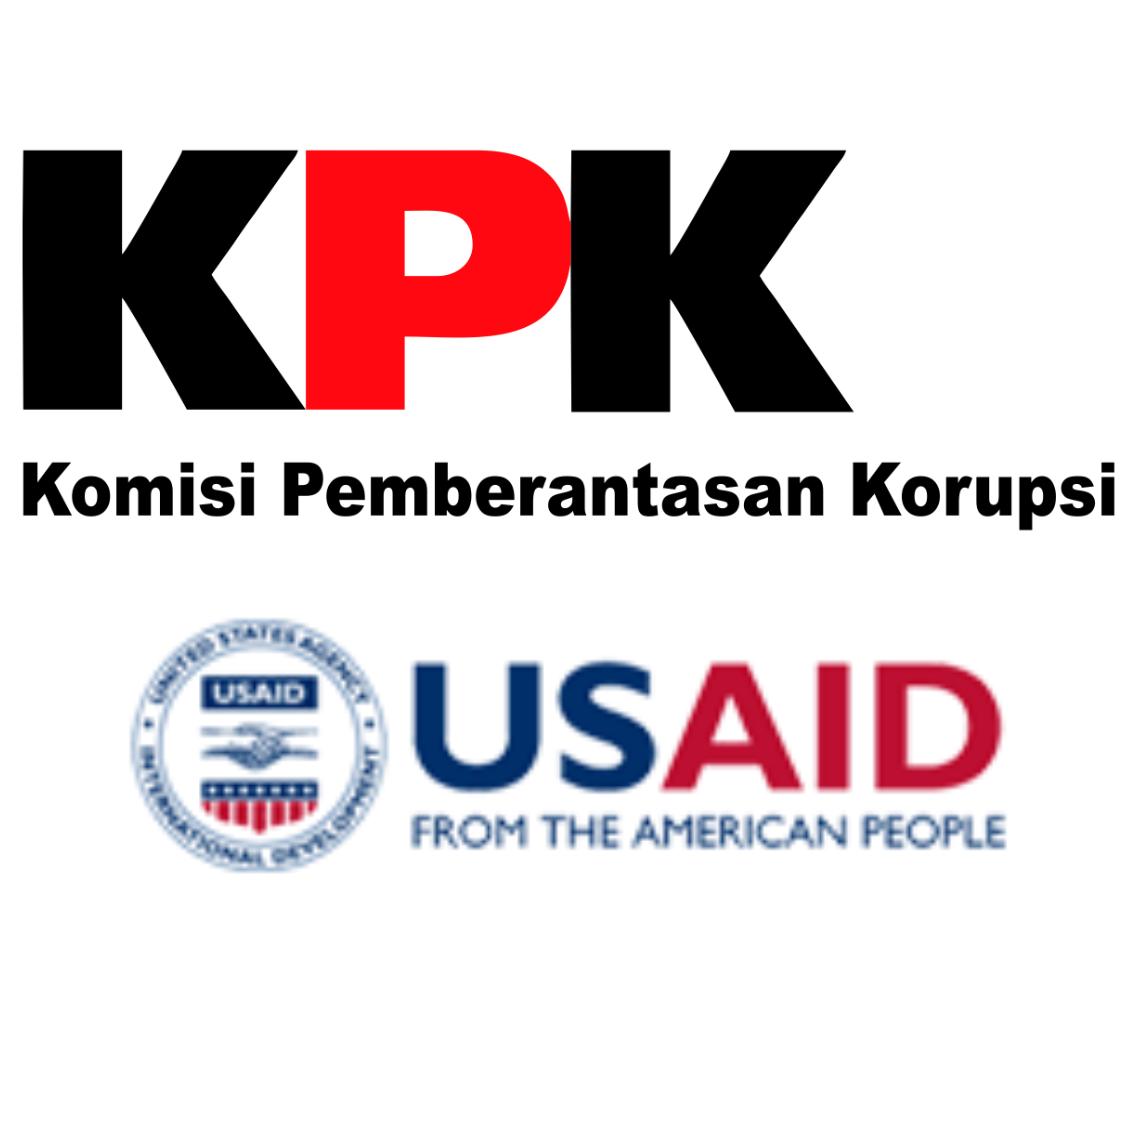 Logo USAID CEGAH - Komisi Pemberantasan Korupsi